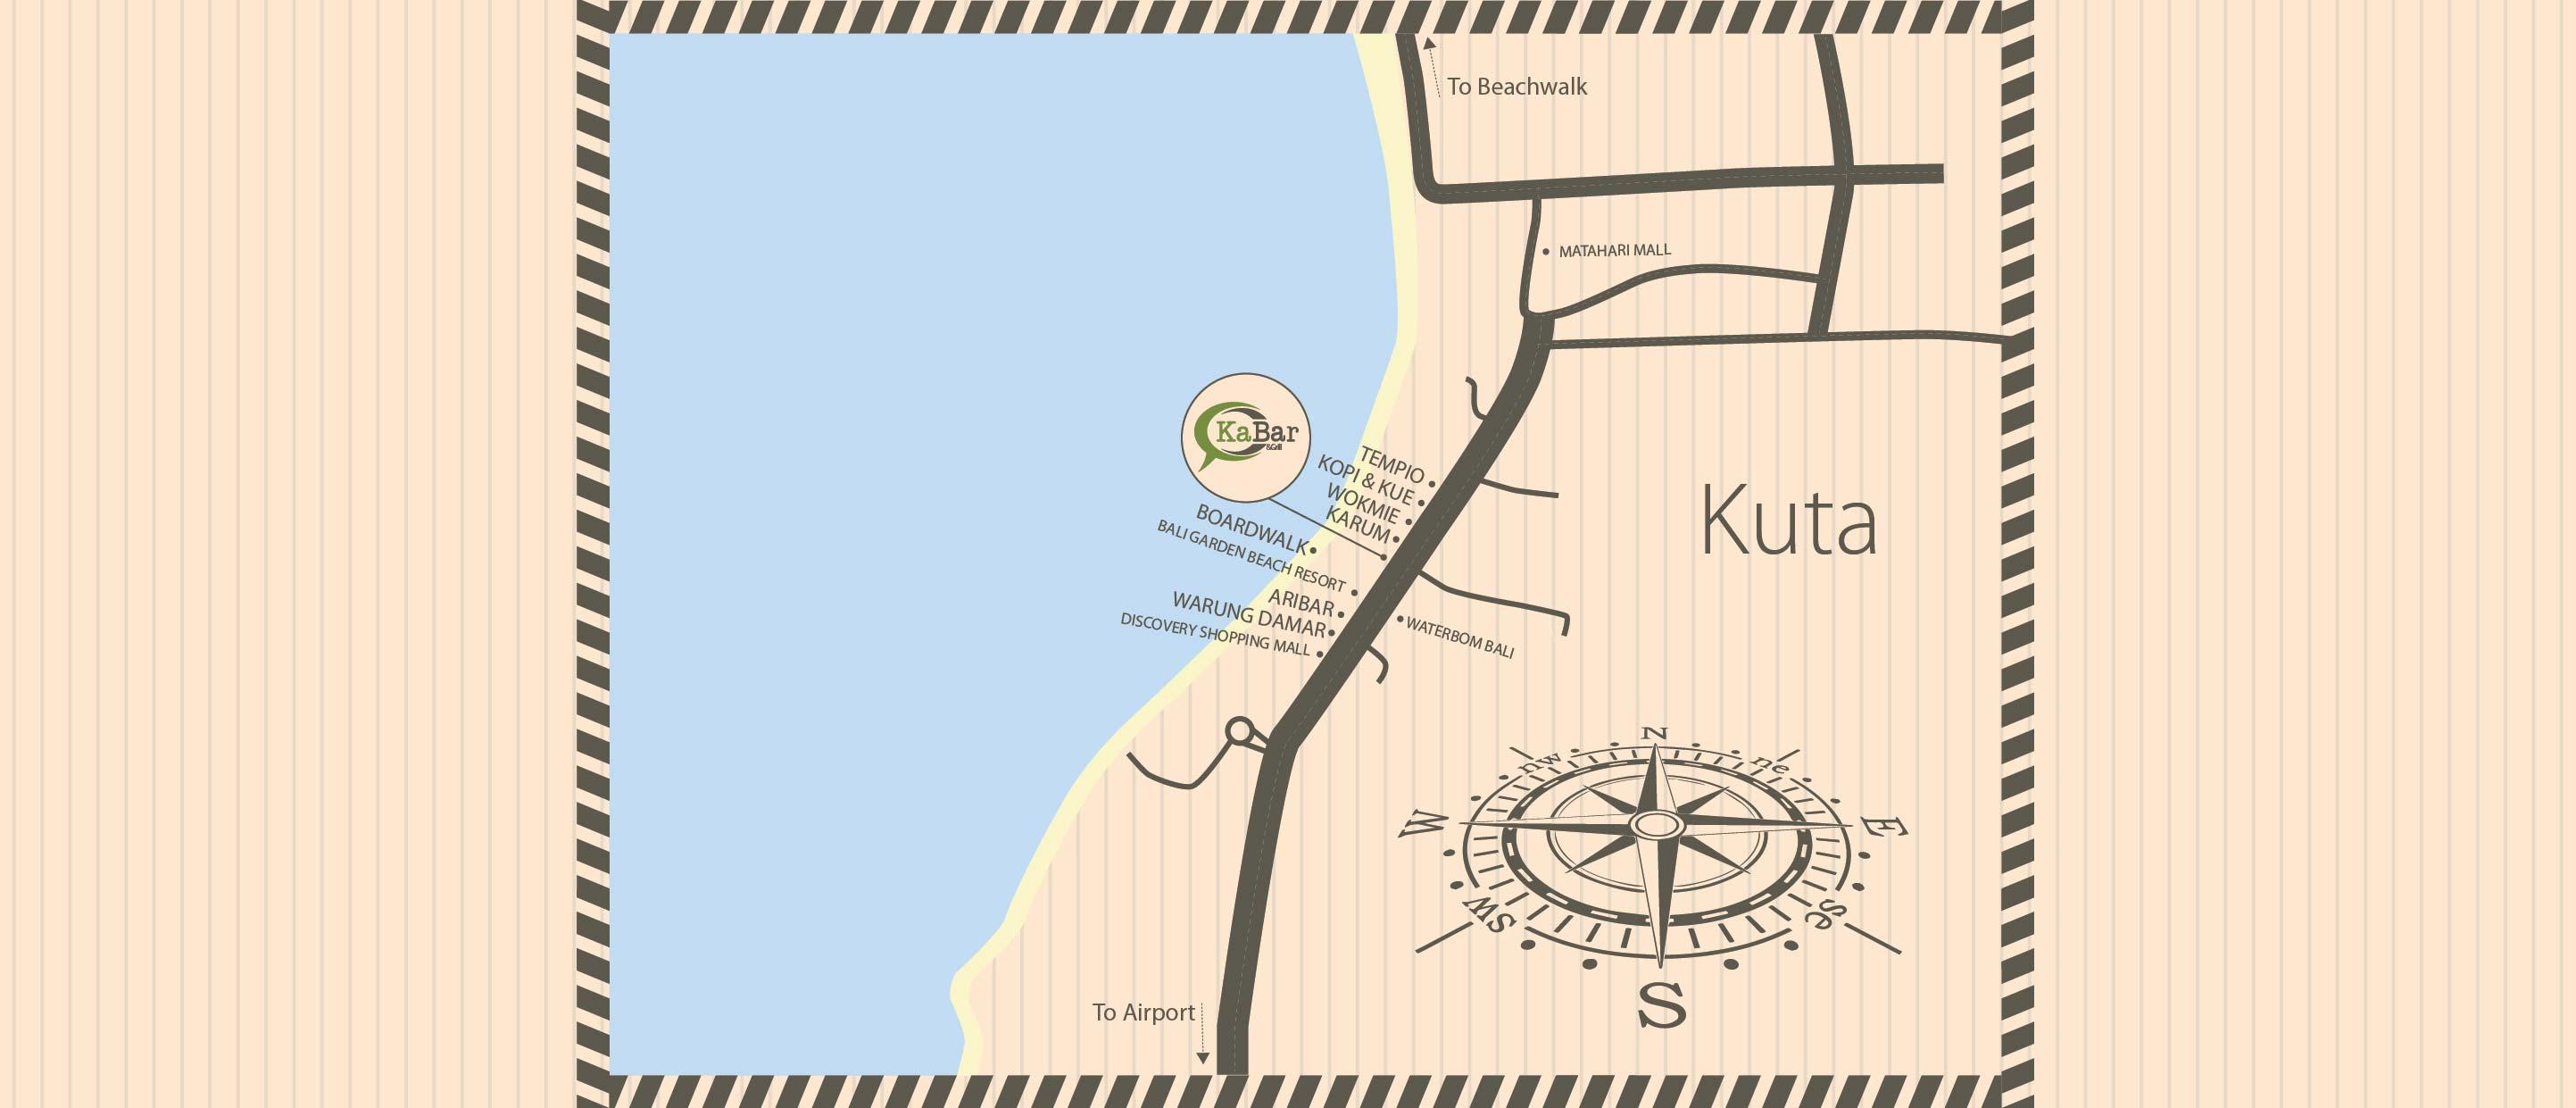 Kabar Map-01